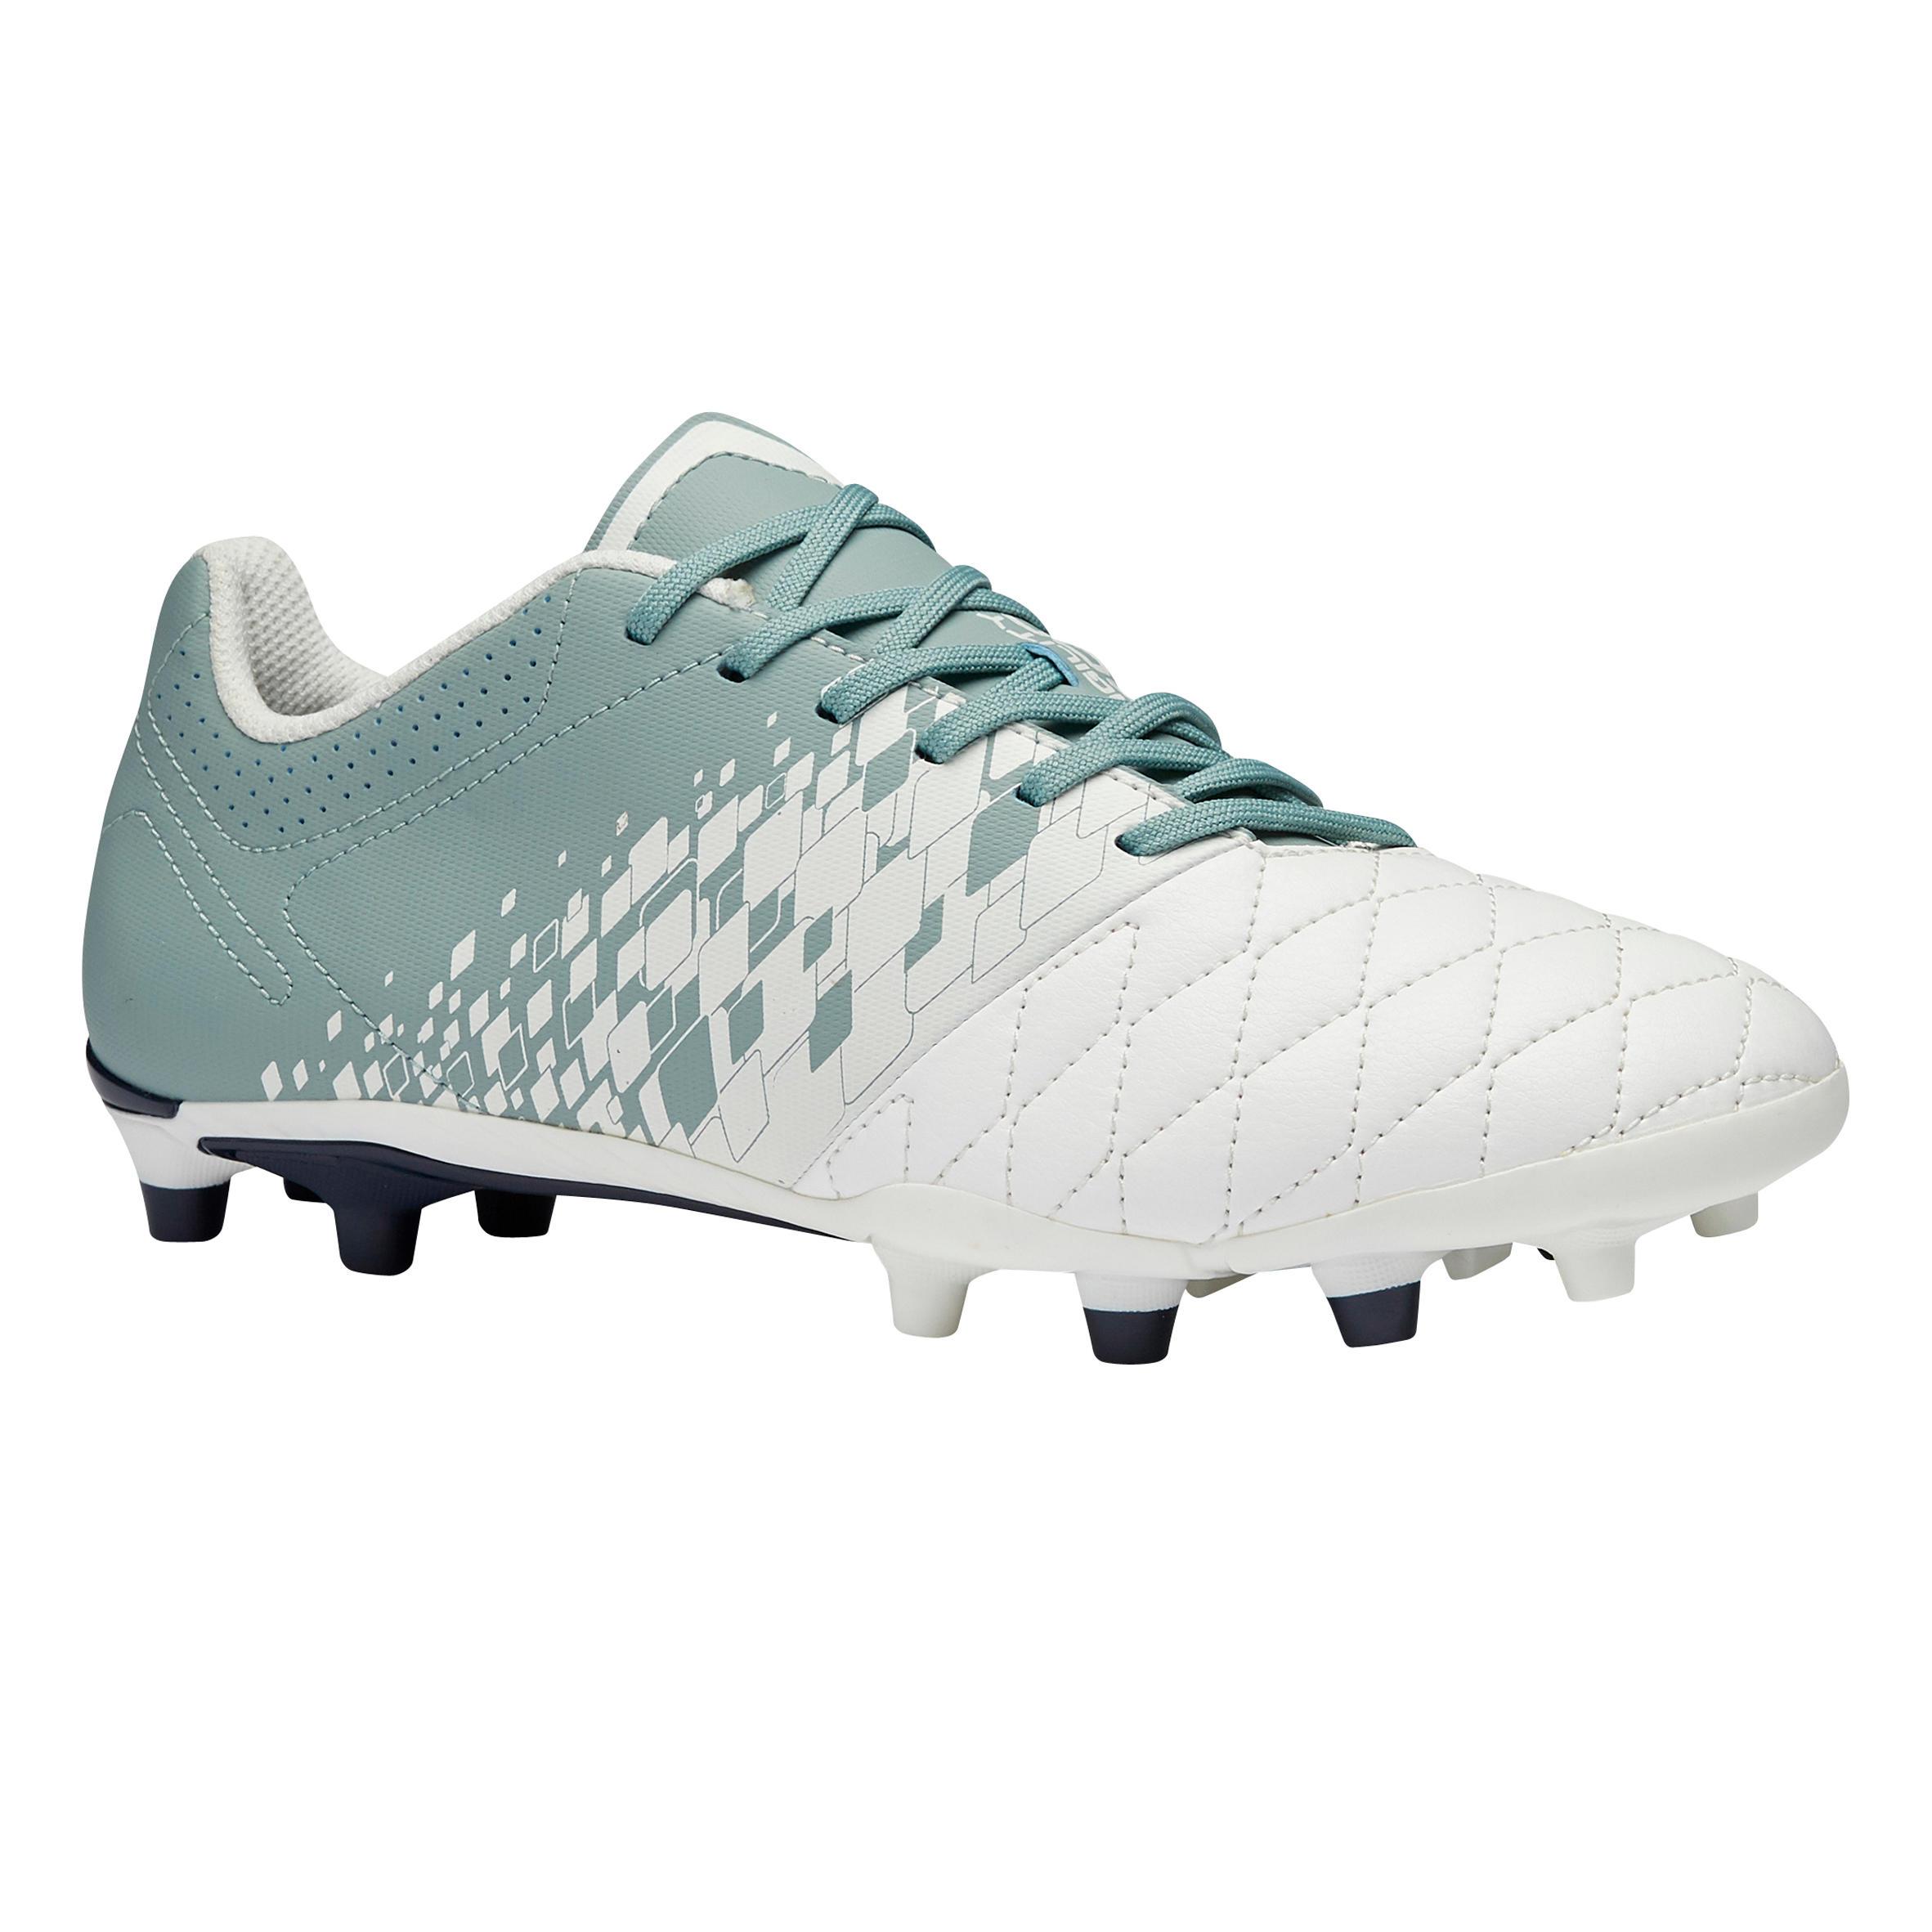 Fußballschuhe Nocken Agility 500 FG Damen weiß | Schuhe > Sportschuhe > Fußballschuhe | Weiß - Grün | Kipsta